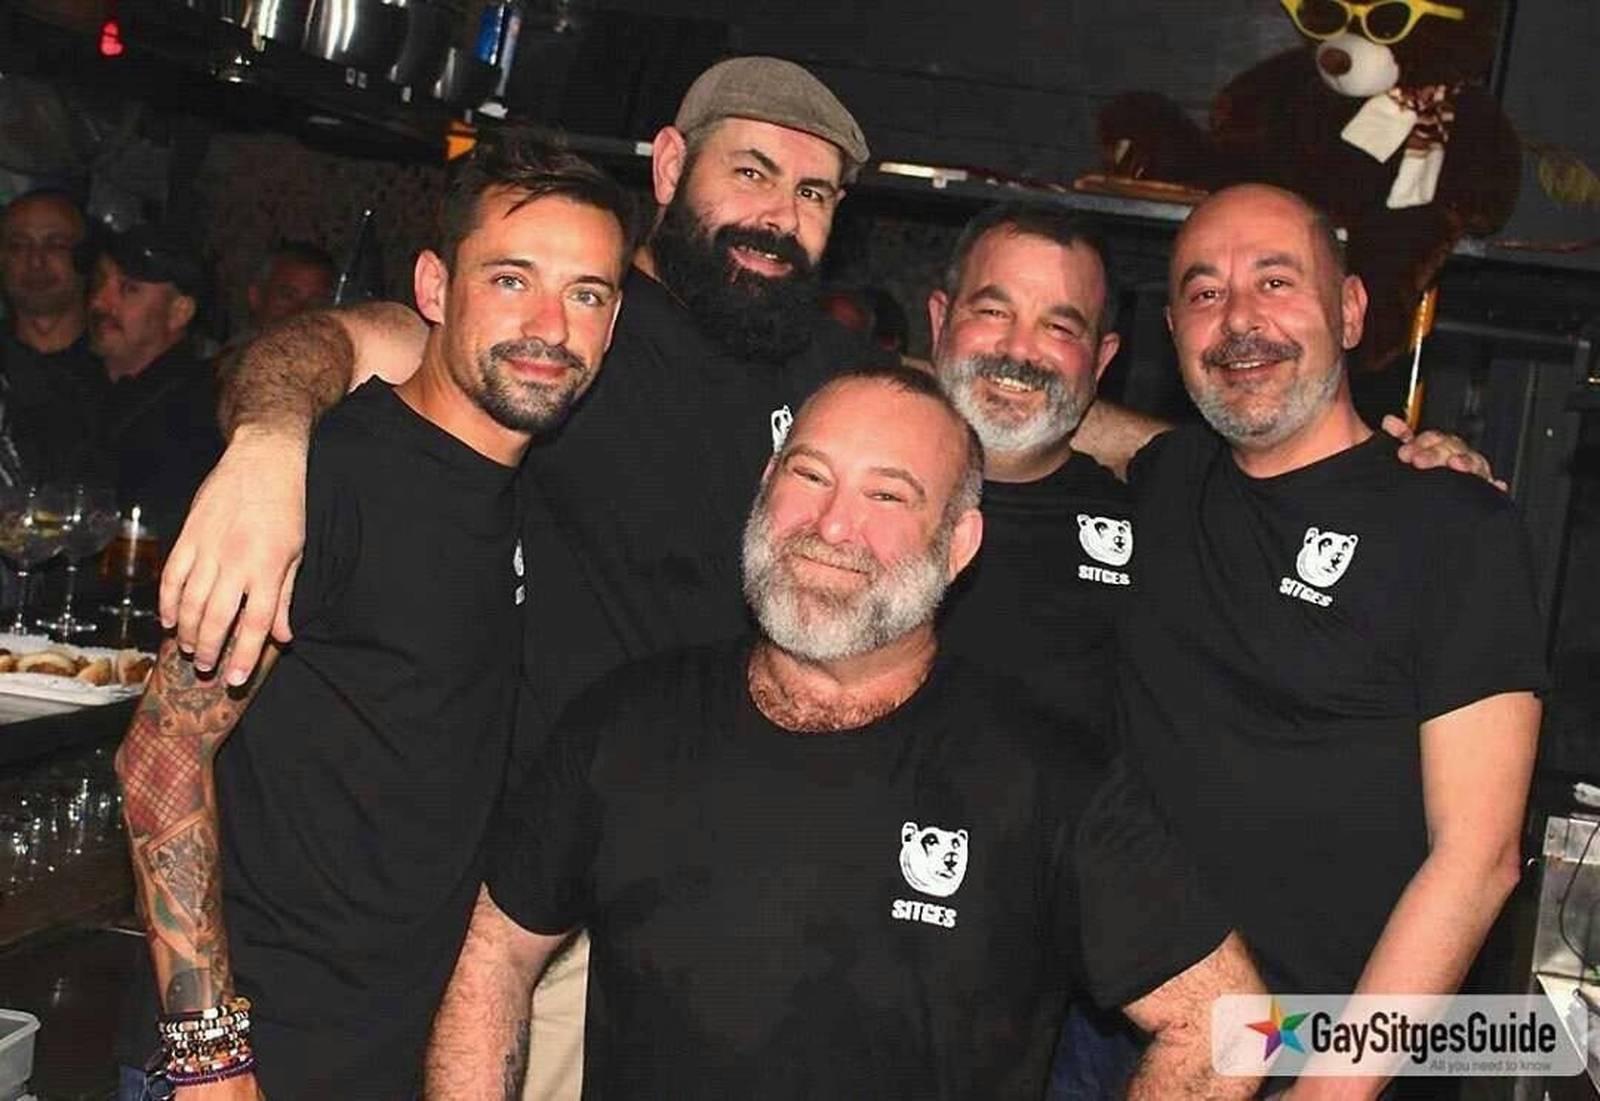 hamburg gay bear bars